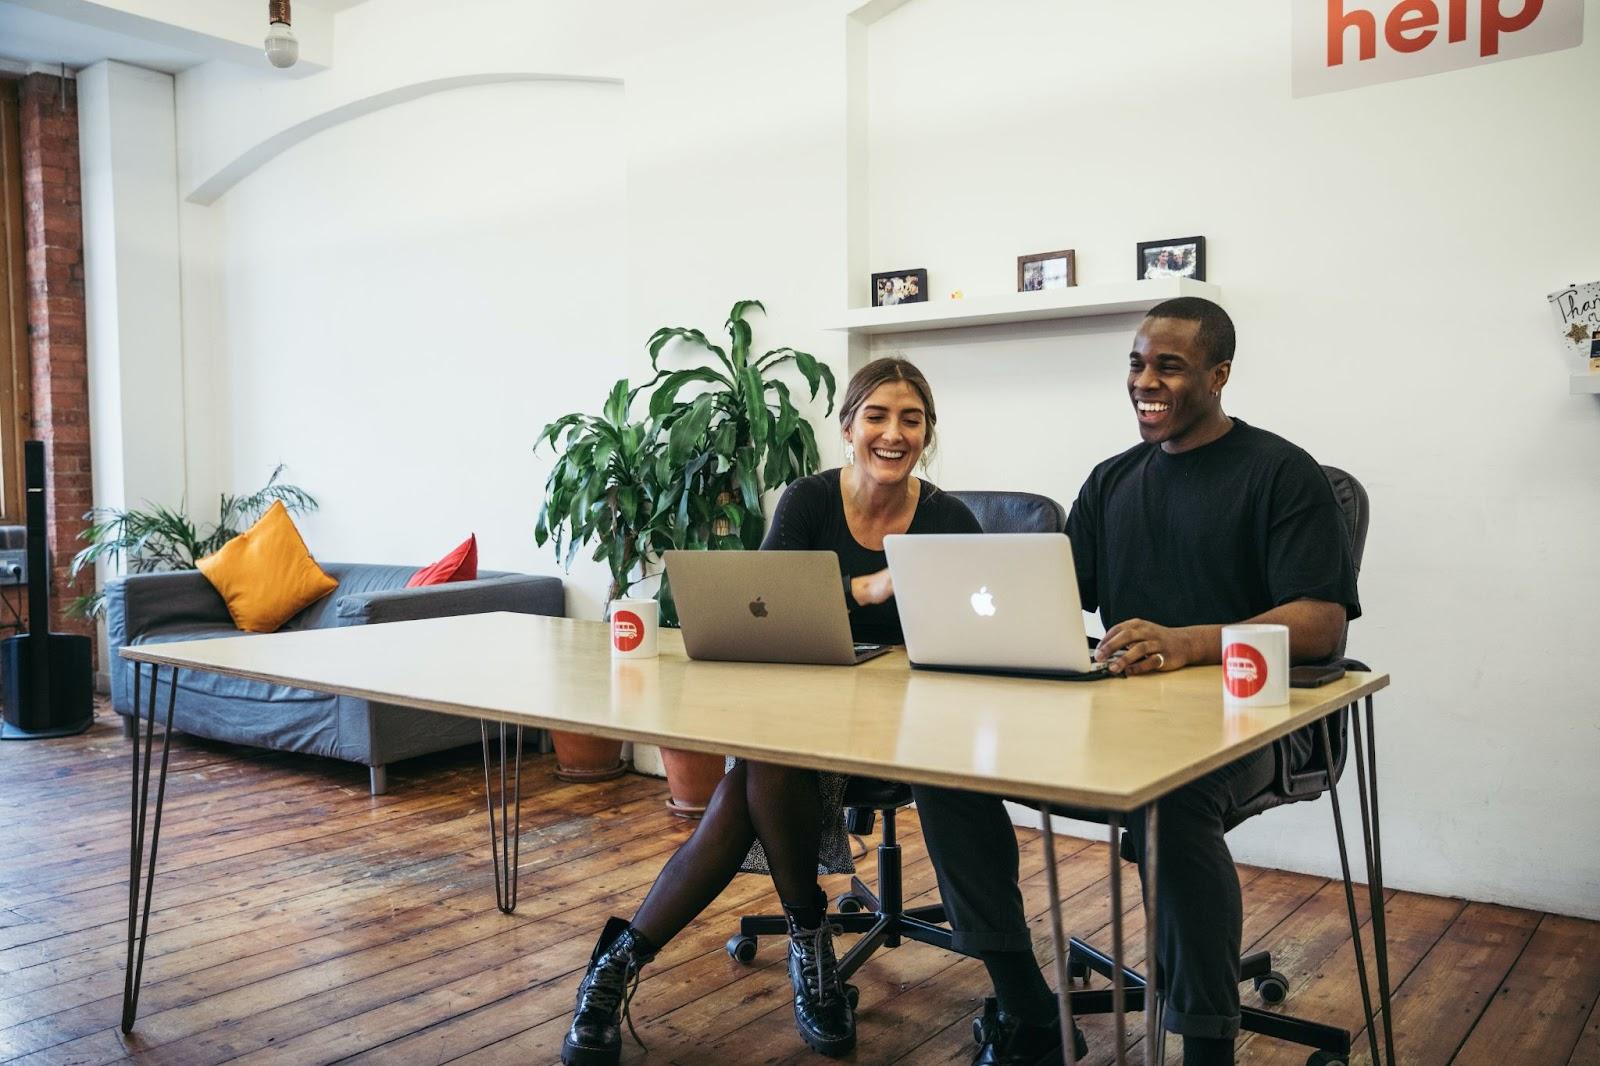 MSP service desk, help desk, dispatcher role hire